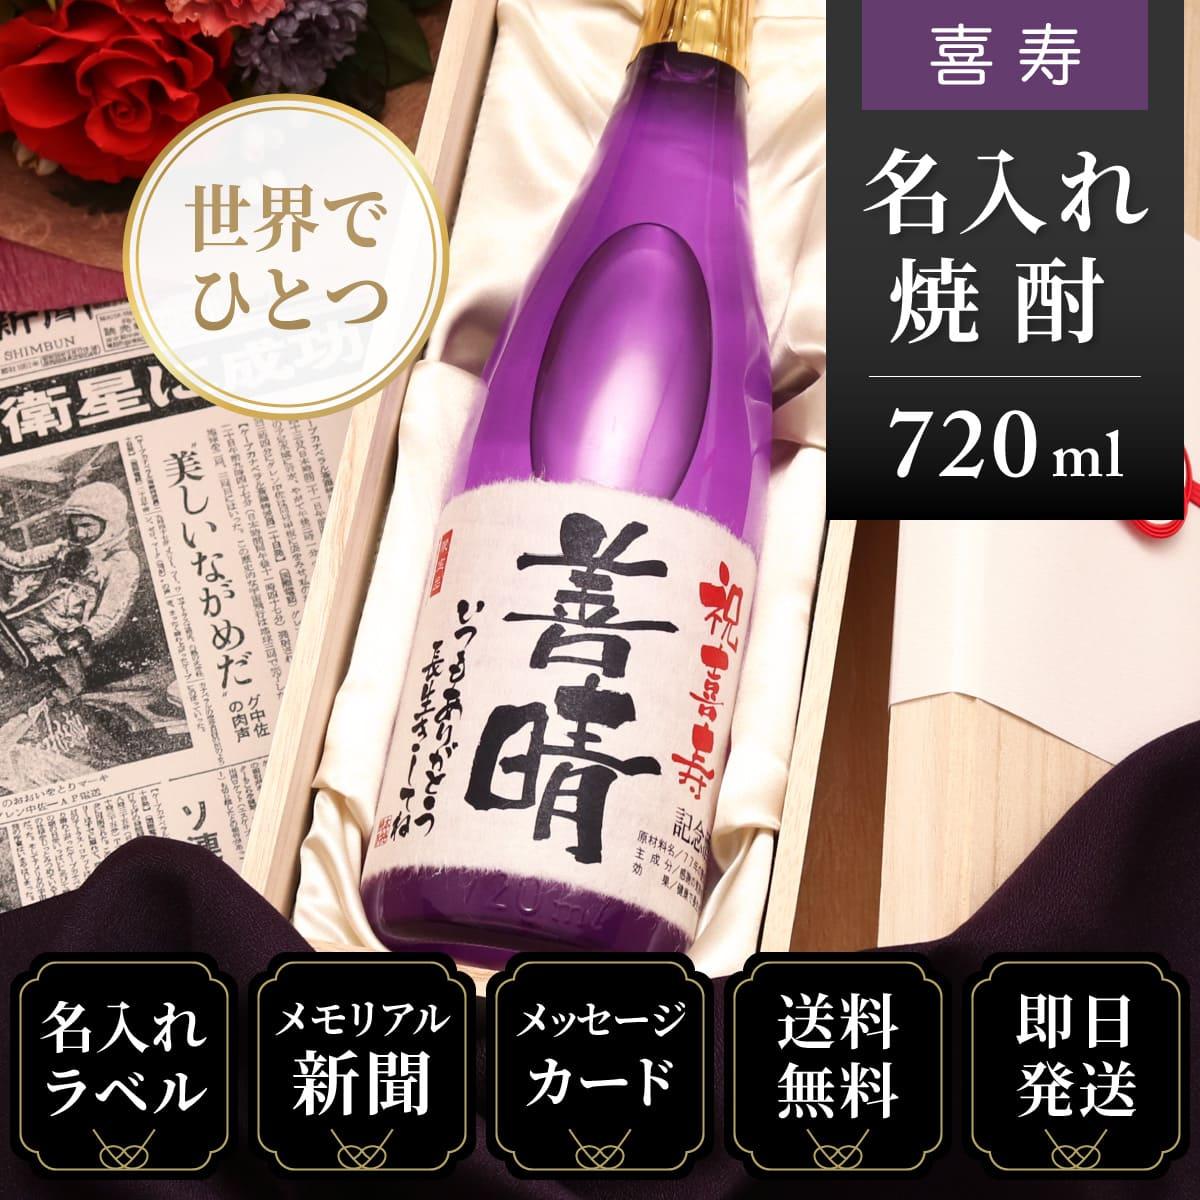 喜寿のお祝い、プレゼントに誕生日の新聞付き「華乃桔梗」720ml(酒粕焼酎)